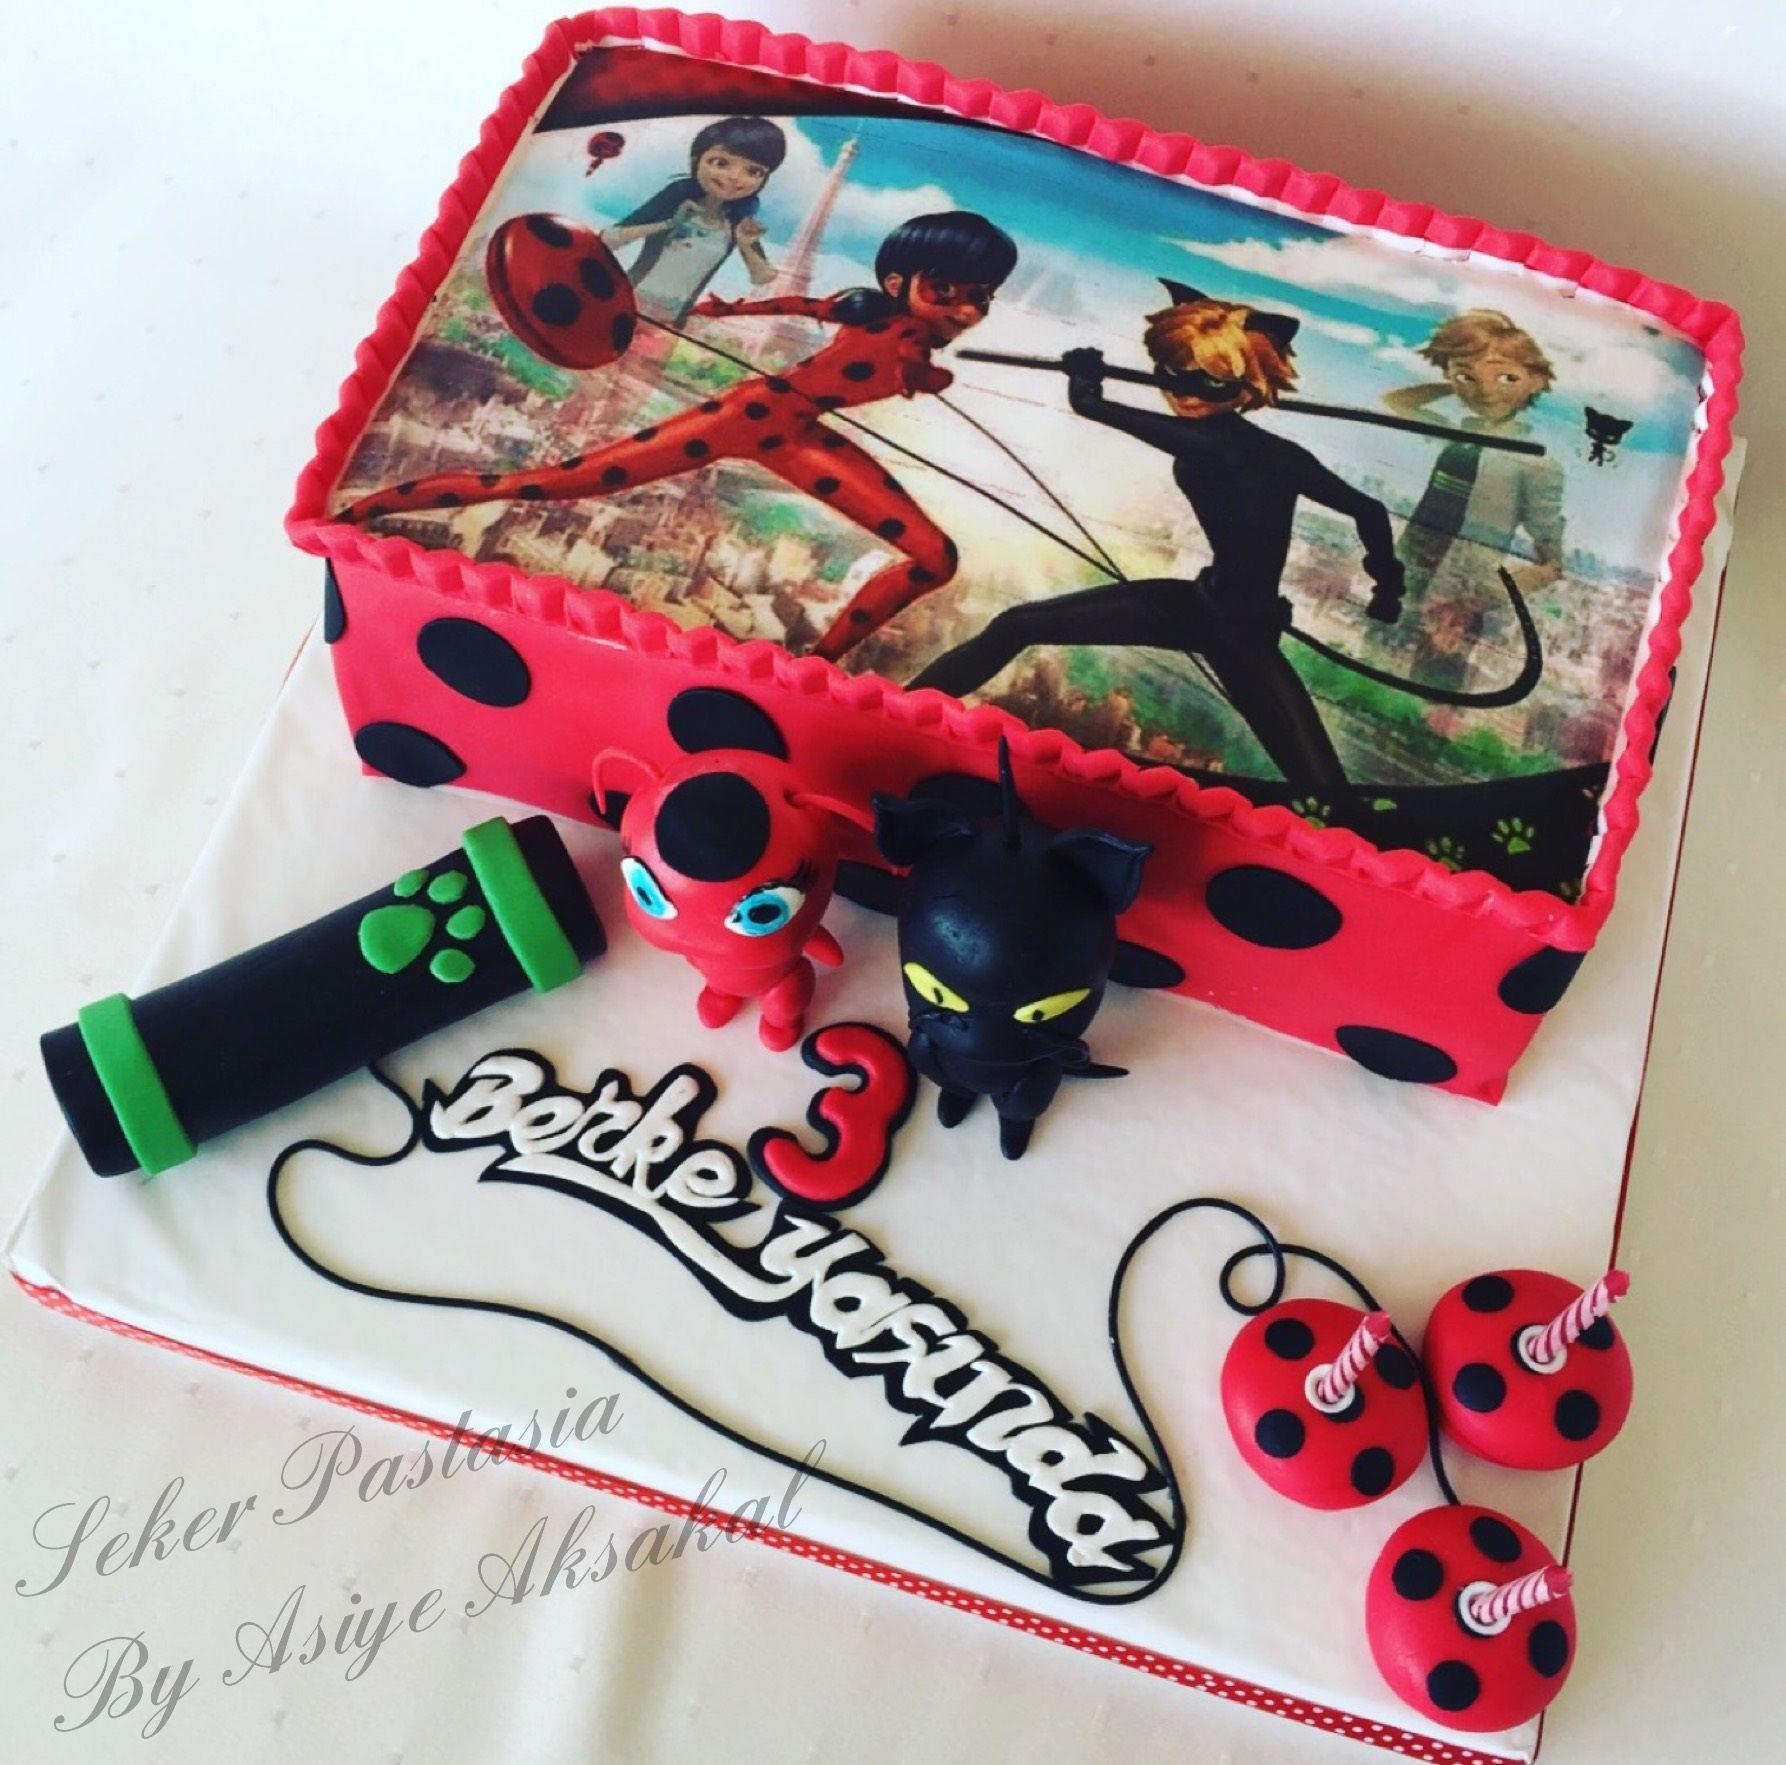 Berke Ladybug E Cat Noir Cake Mucize Ugur Bocegi Ve Karakedi Pastasi Ugur Bocegi Pasta Dogum Gunu Dogumgunu Pastalari